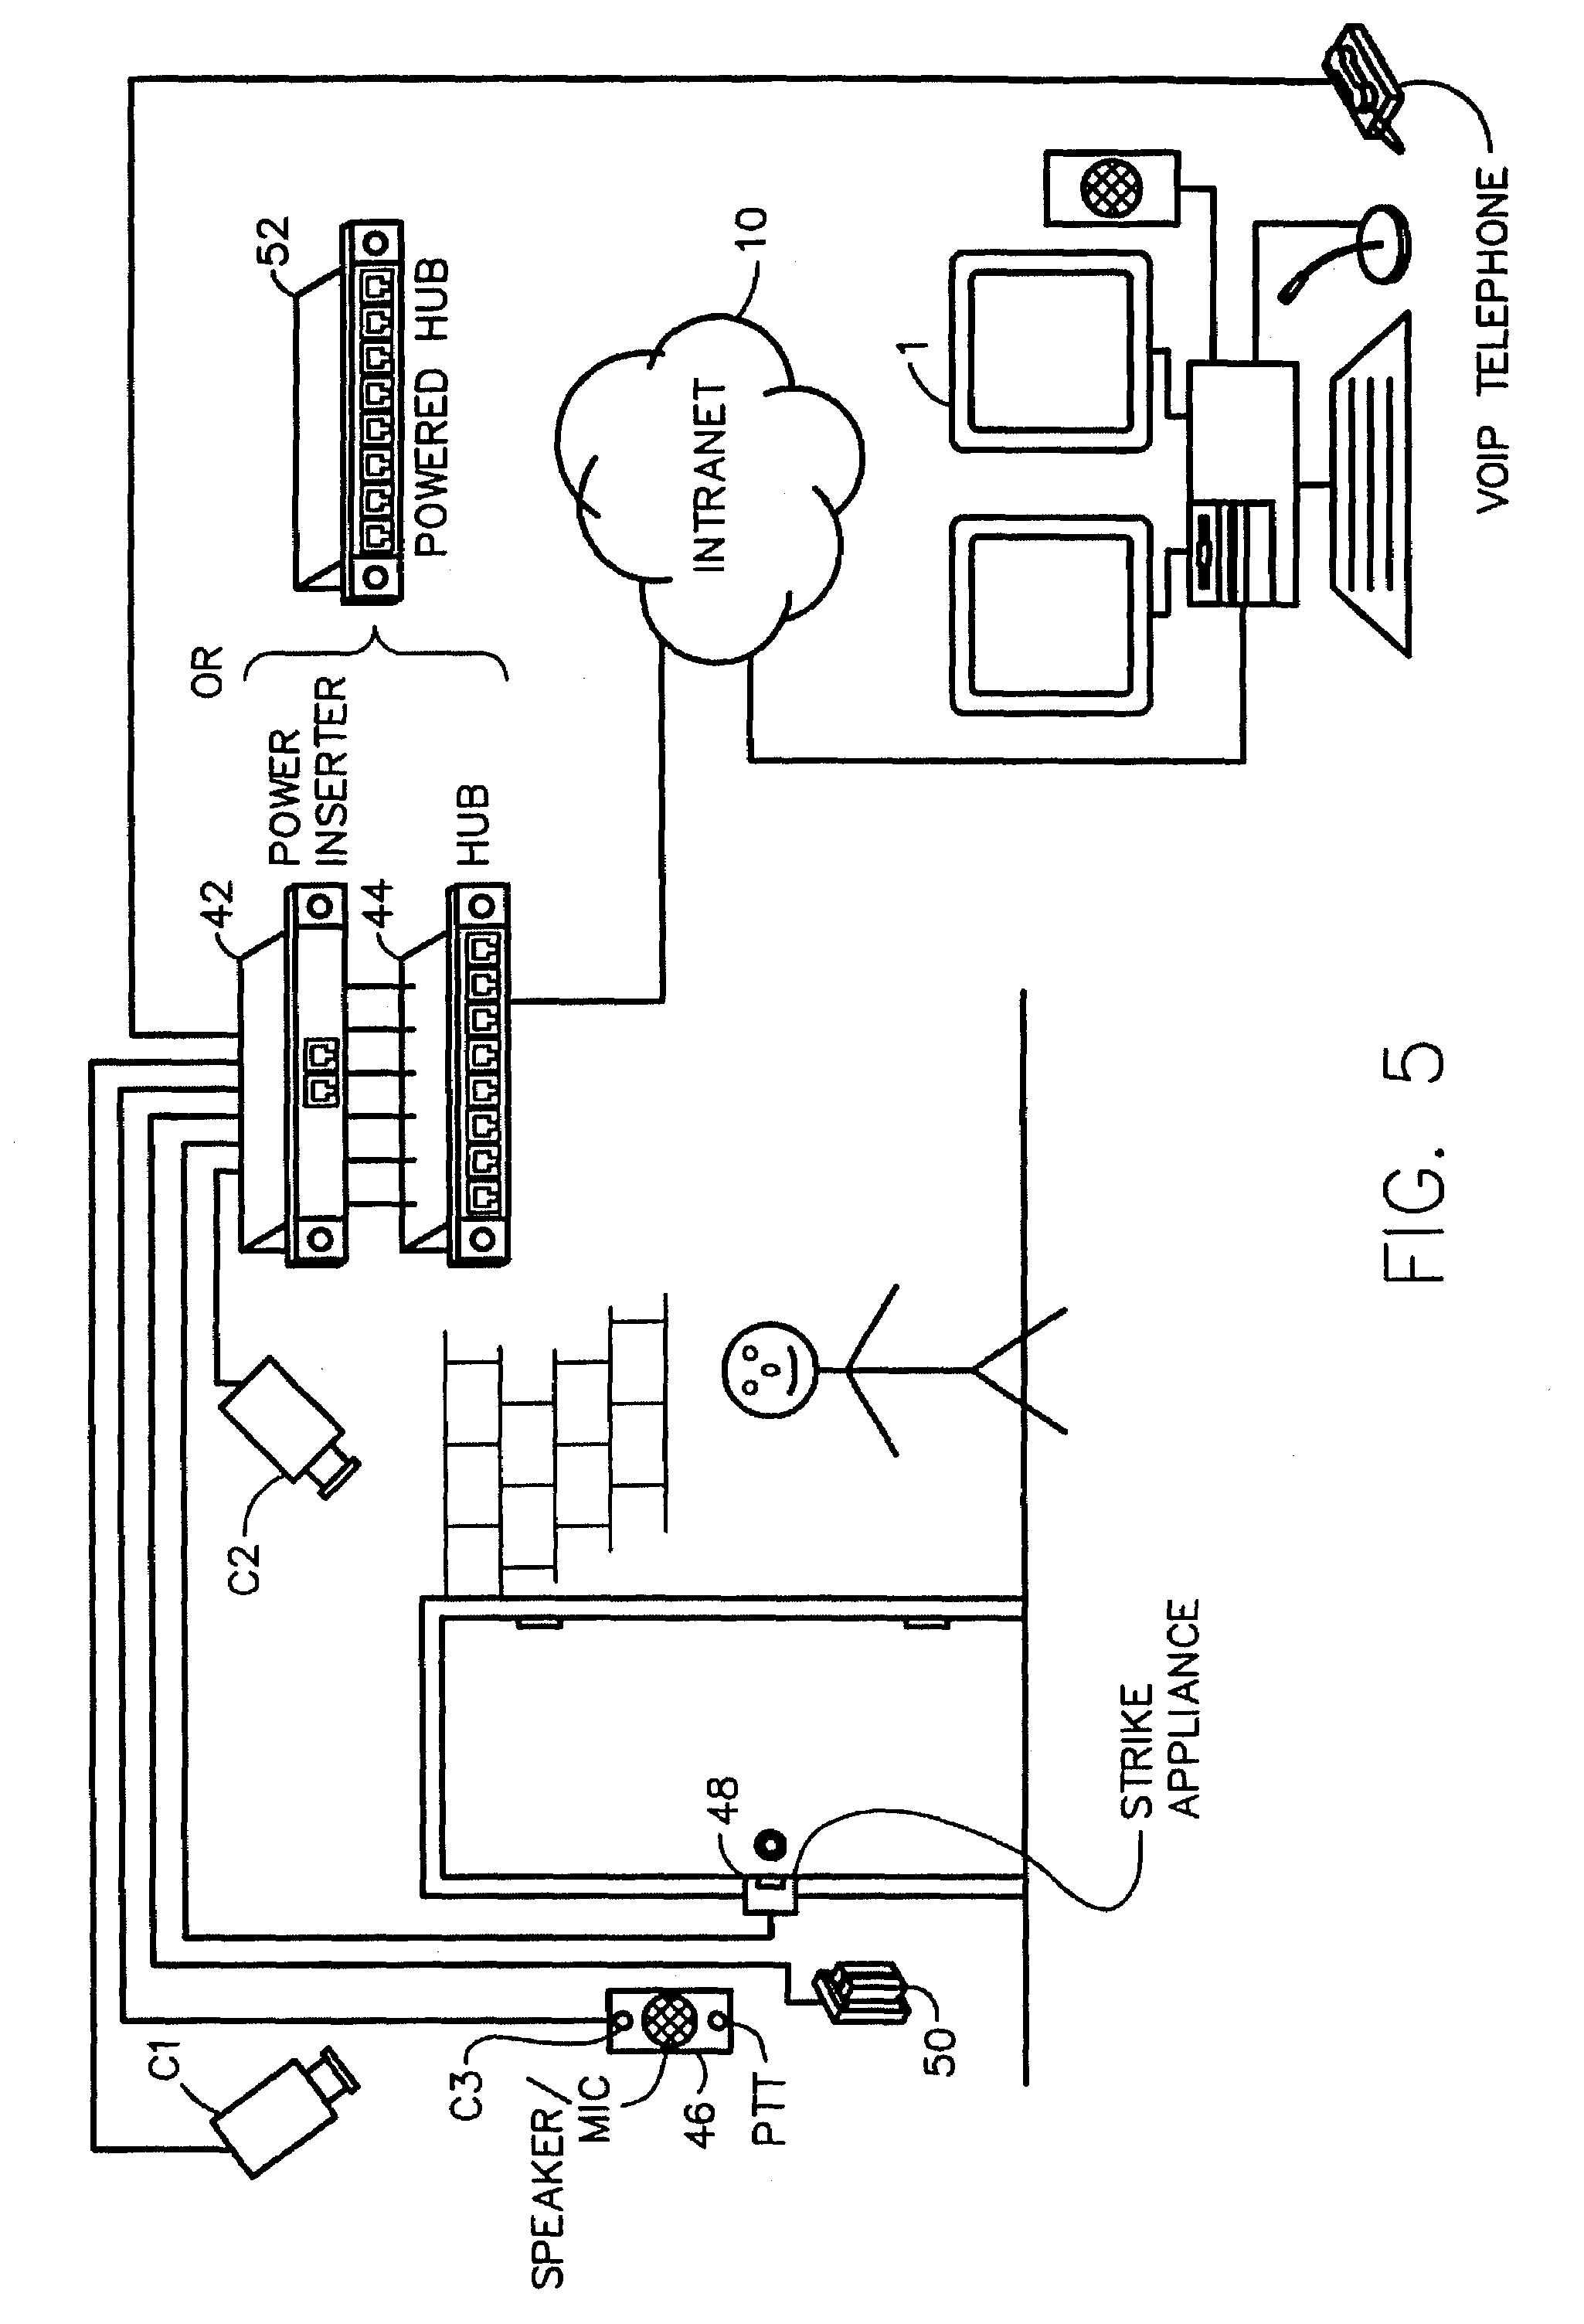 Patent Us 7428002 B2 Ir Repeater Circuit